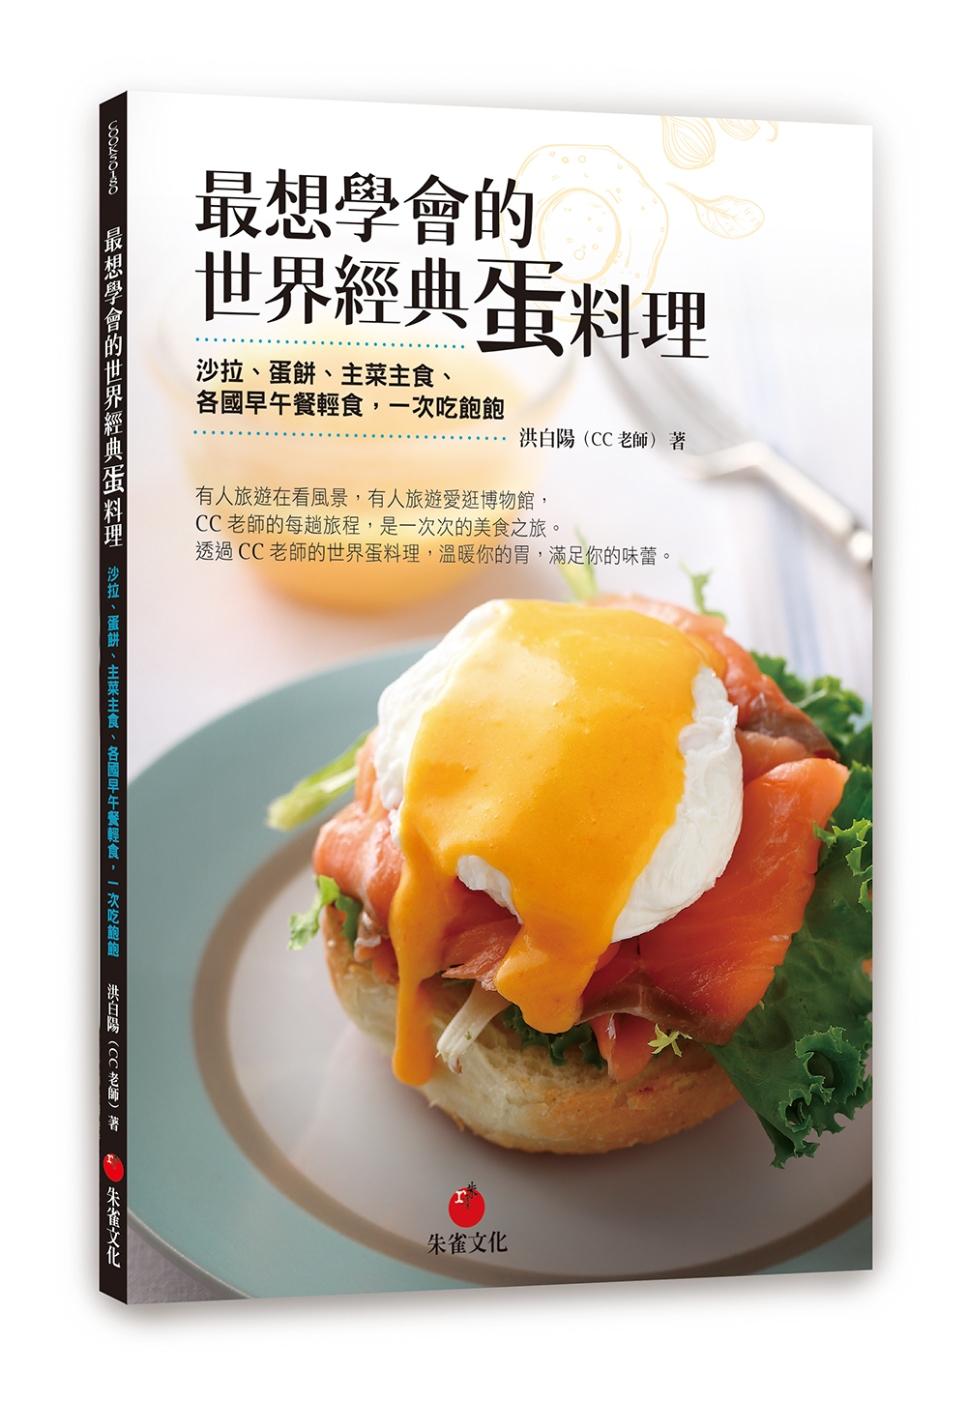 ◤博客來BOOKS◢ 暢銷書榜《推薦》最想學會的世界經典蛋料理:沙拉、蛋餅、主菜主食、各國早午餐輕食,一次吃飽飽